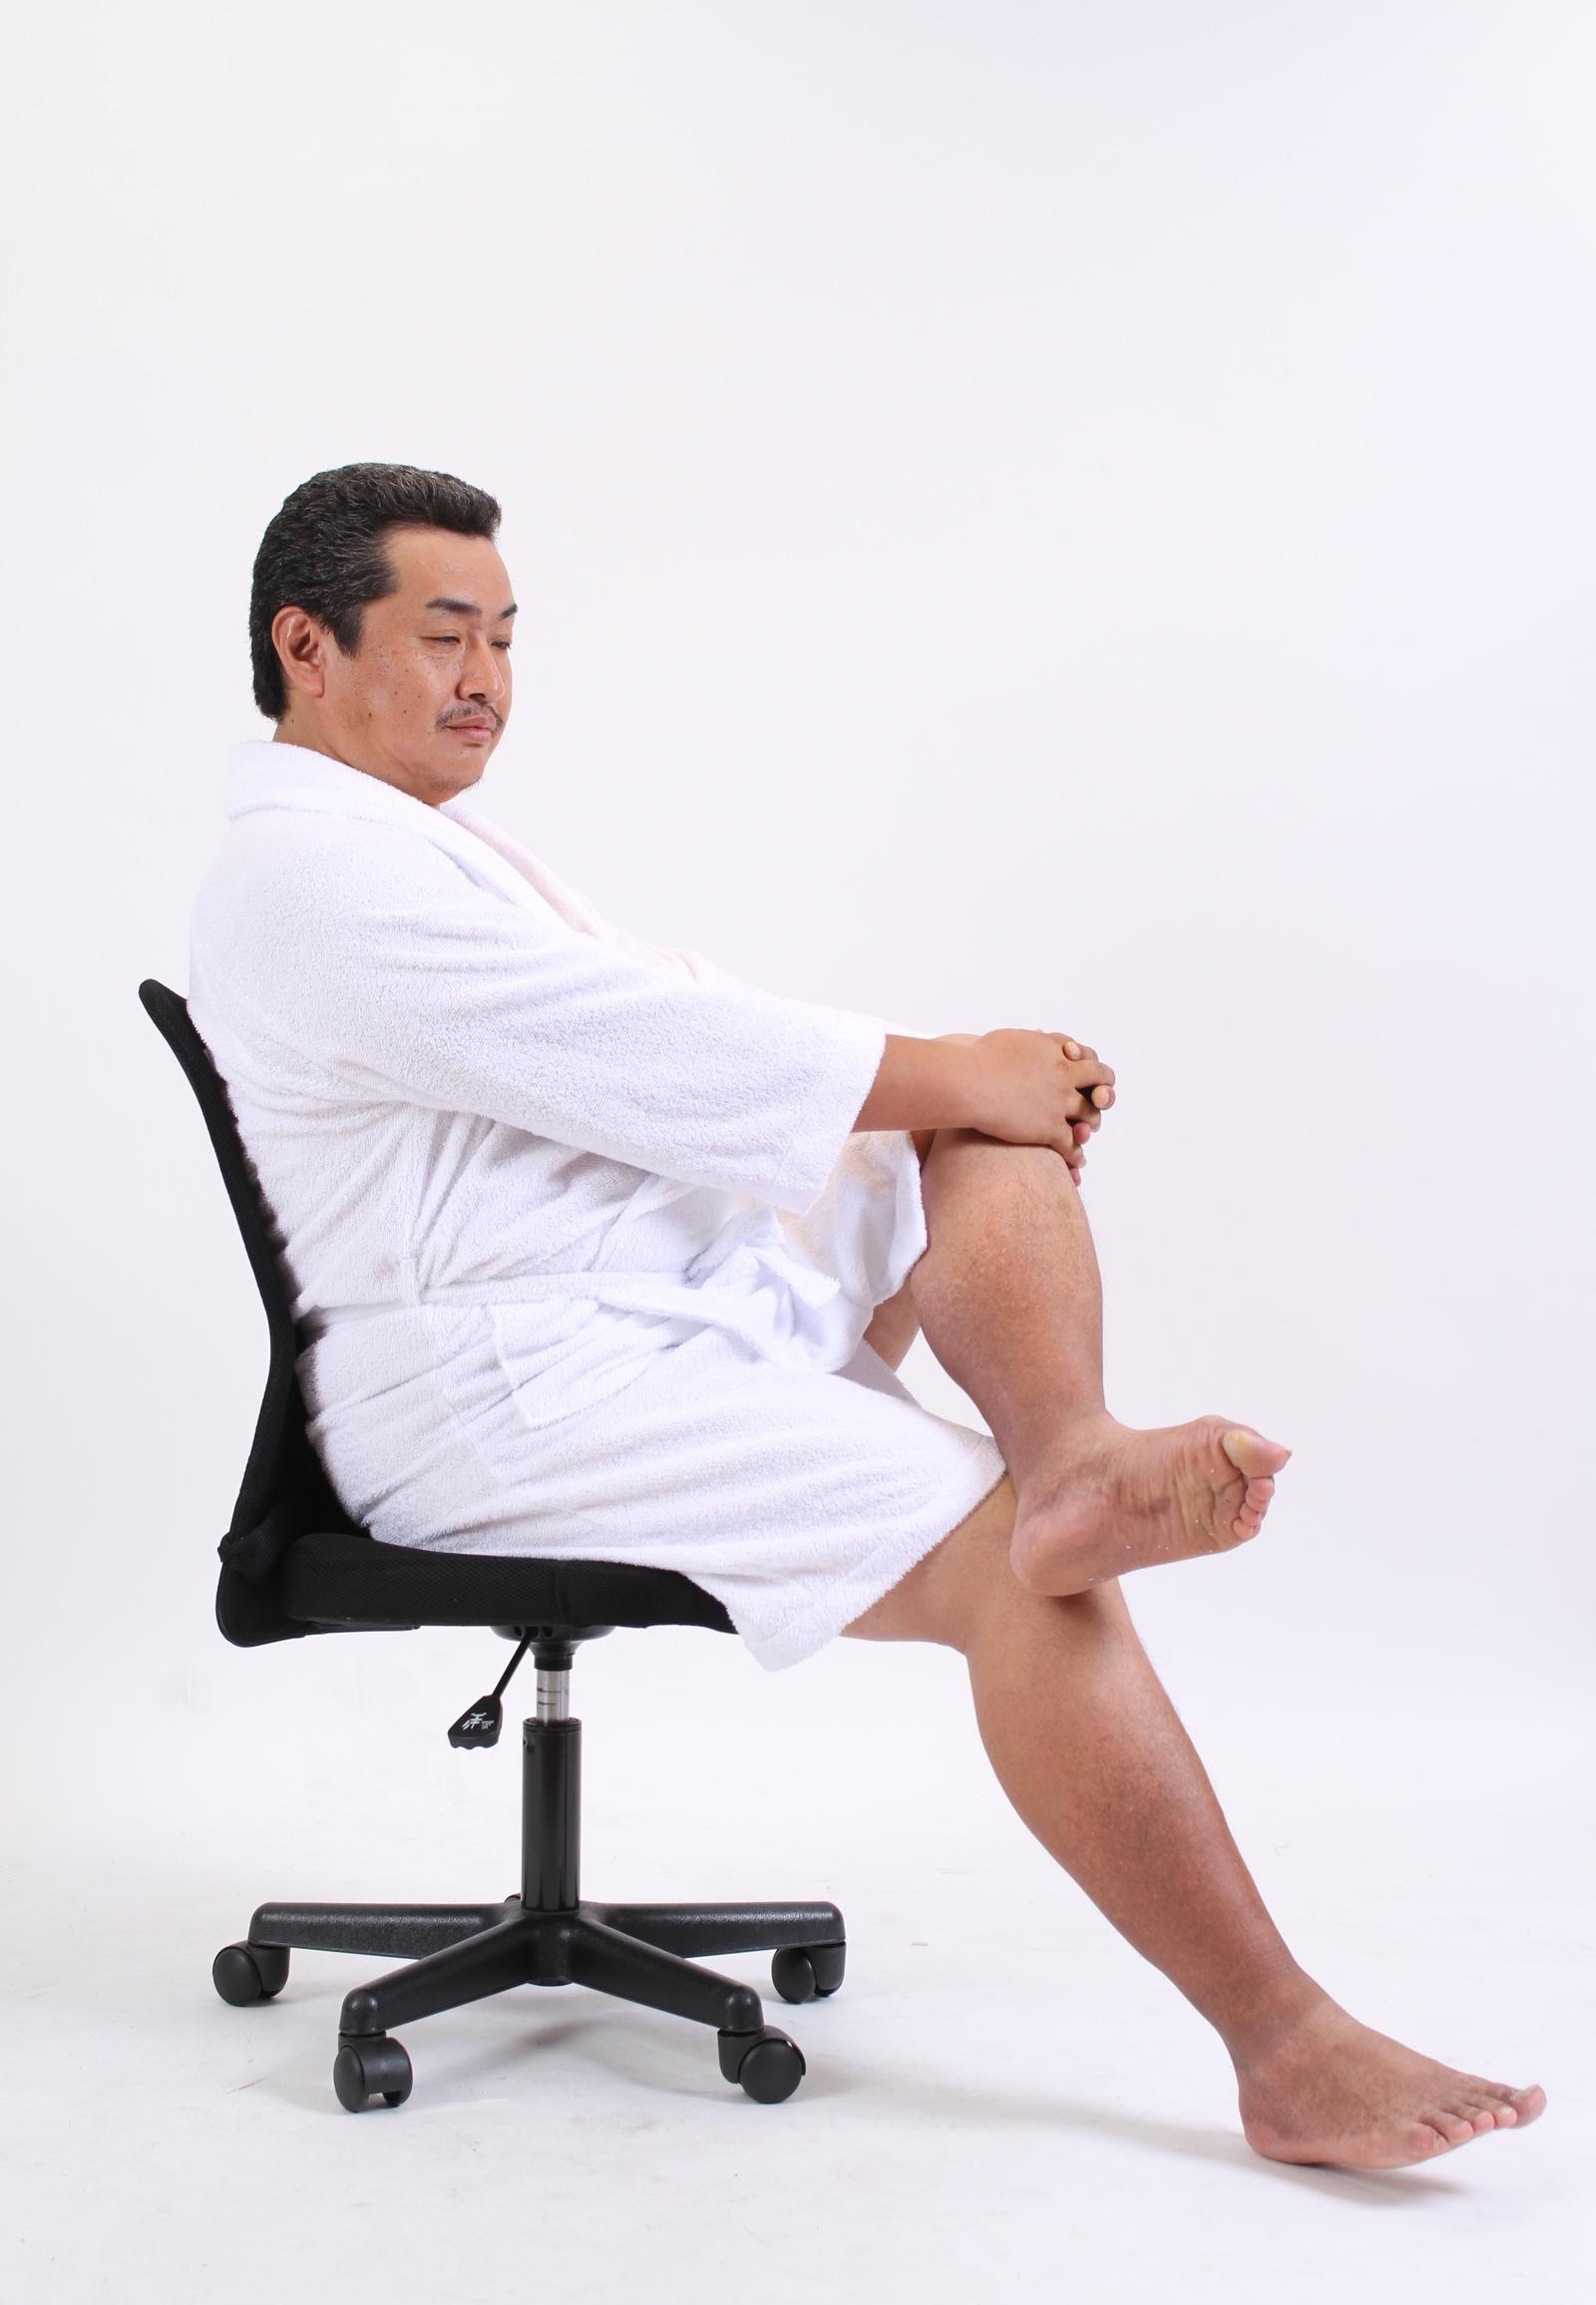 [02]「この椅子ください」,シニア,写真,画像,素材,老人,高齢者,フリー